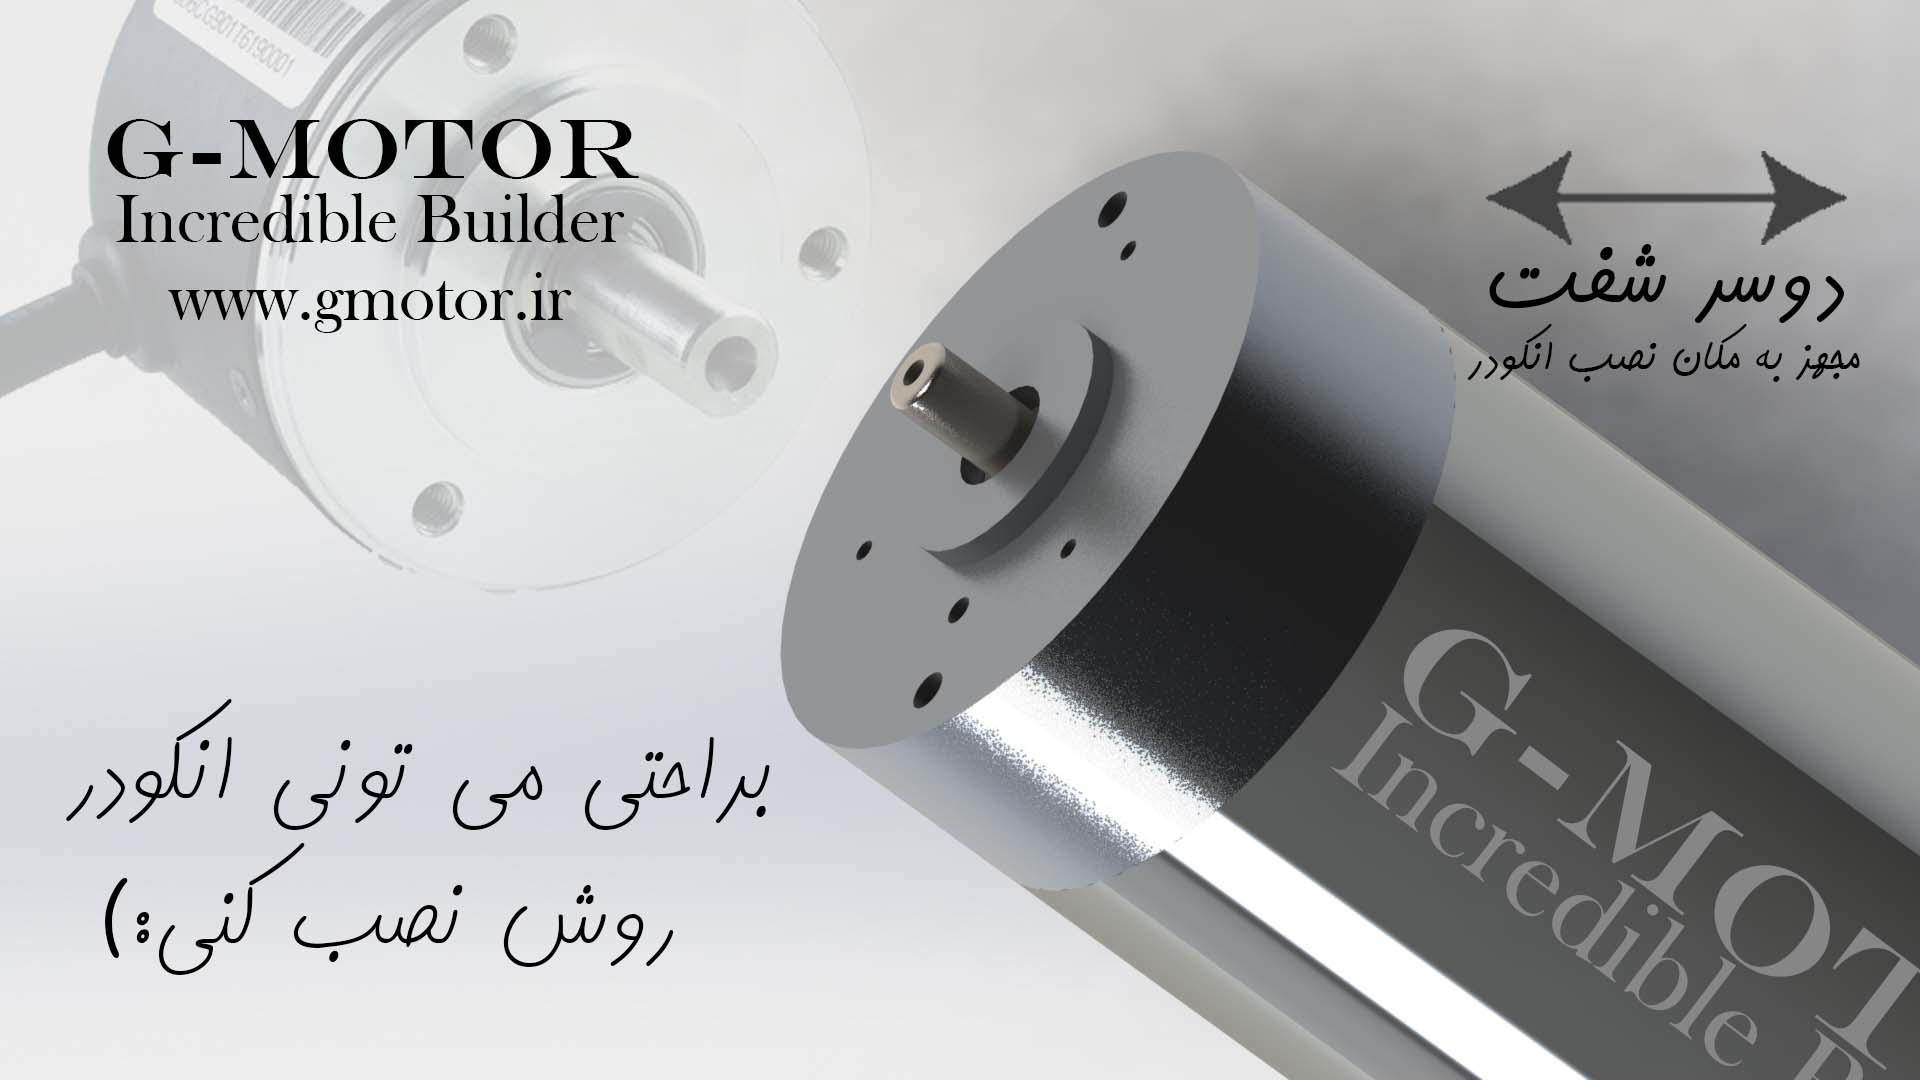 GMI90170 موتور دی سی براشلس (BLDC) اینرانر صنعتی با قابلیت کنترل دور و ... ساخته شده توسط گروه پژوهشی و صنعتی جی موتور (G-MOTOR) در ایران. برای مشاهده تصاویر لطفا یکبار صفحه را بروزرسانی نمایید.